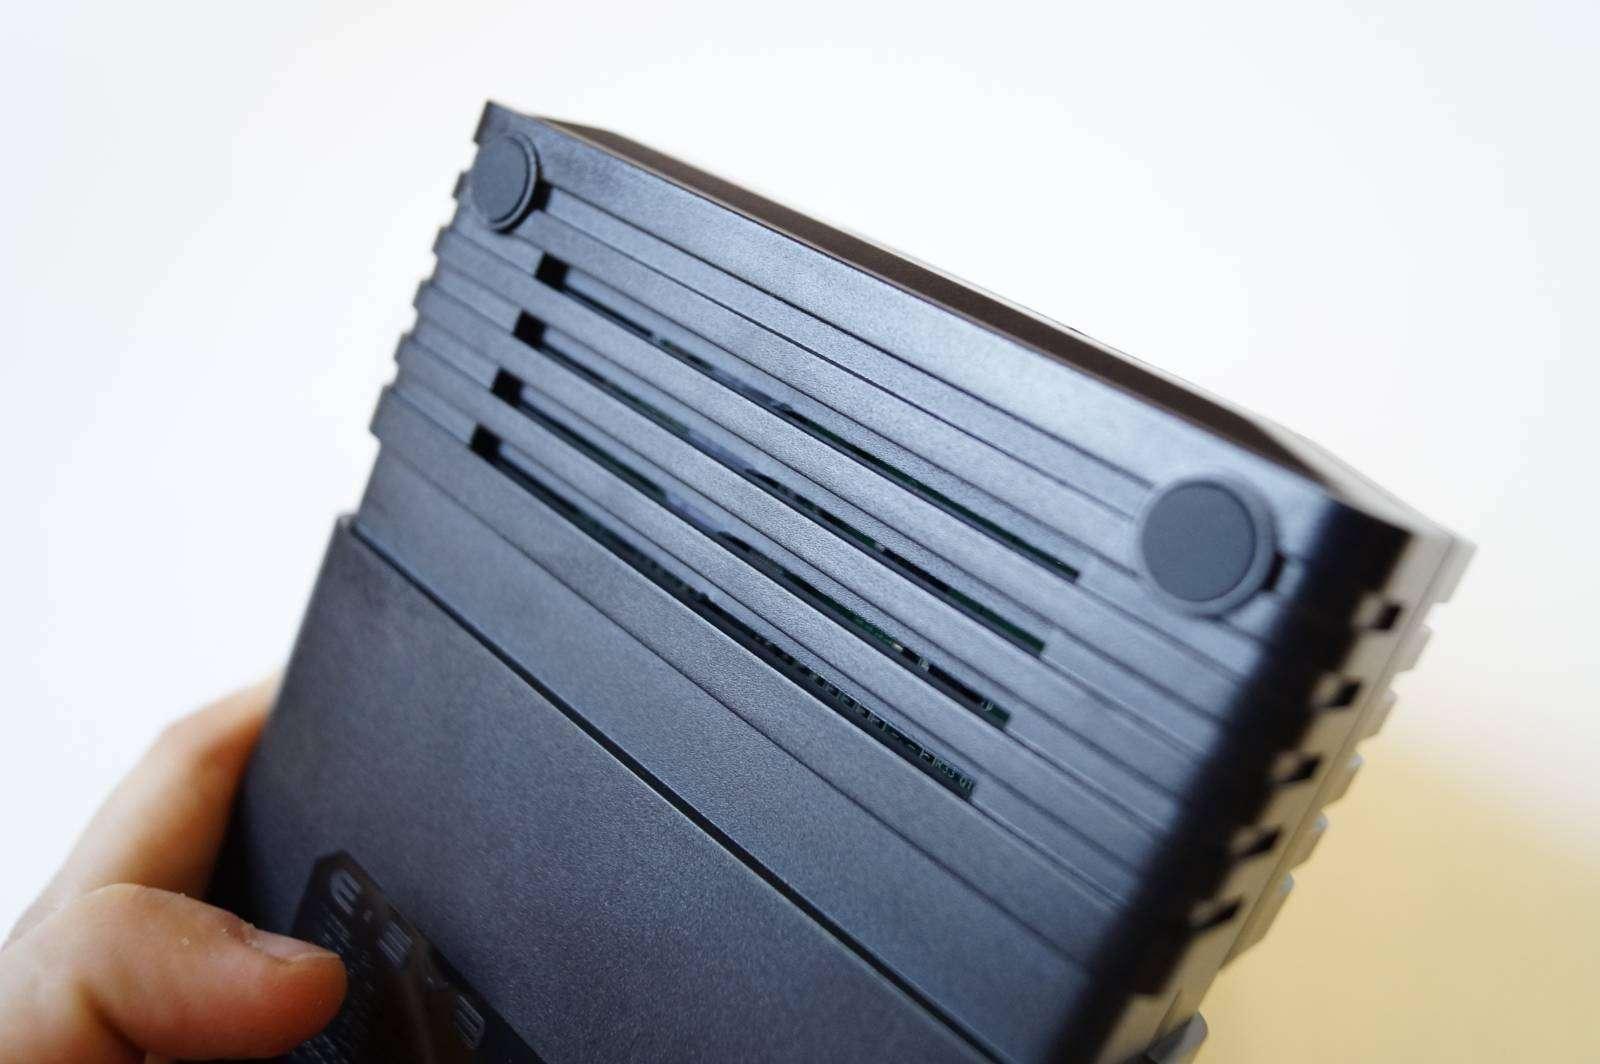 GearBest: Зарядное устройство ESYB E4 с синим зубом на борту.